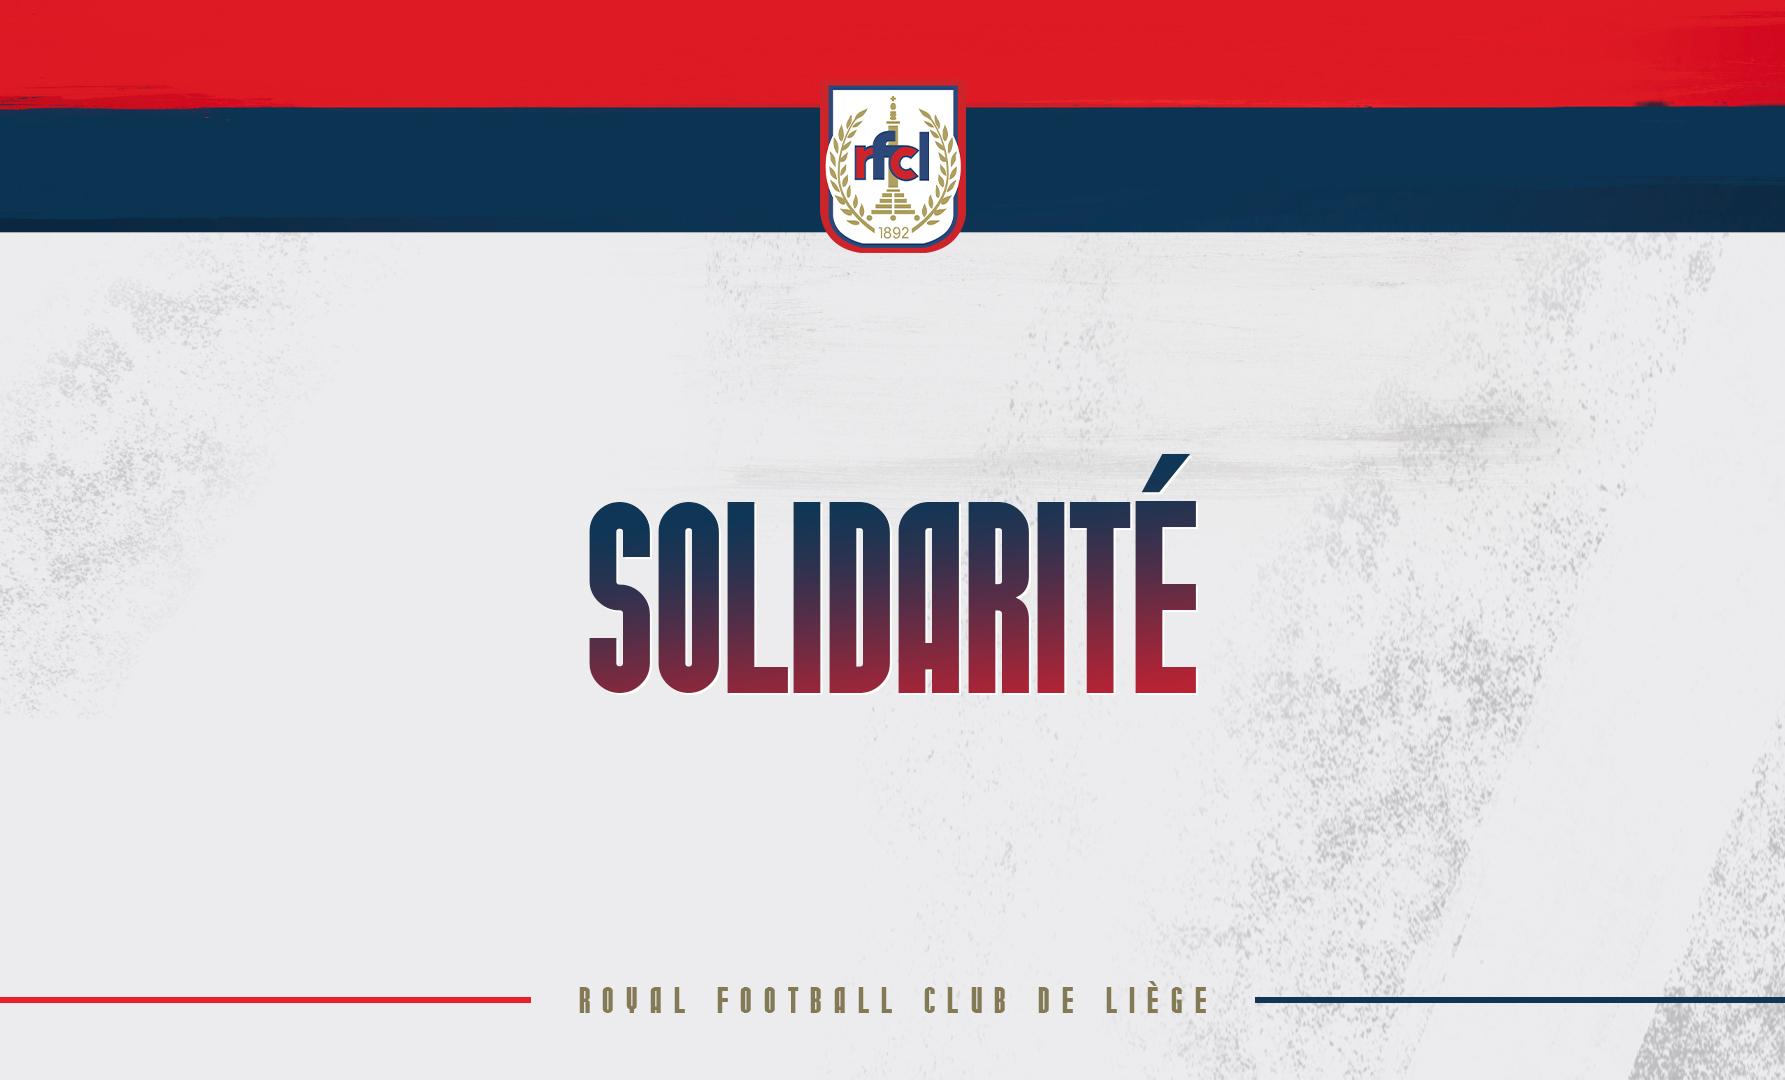 Solidarité | Communication de Liège-sur-vivra